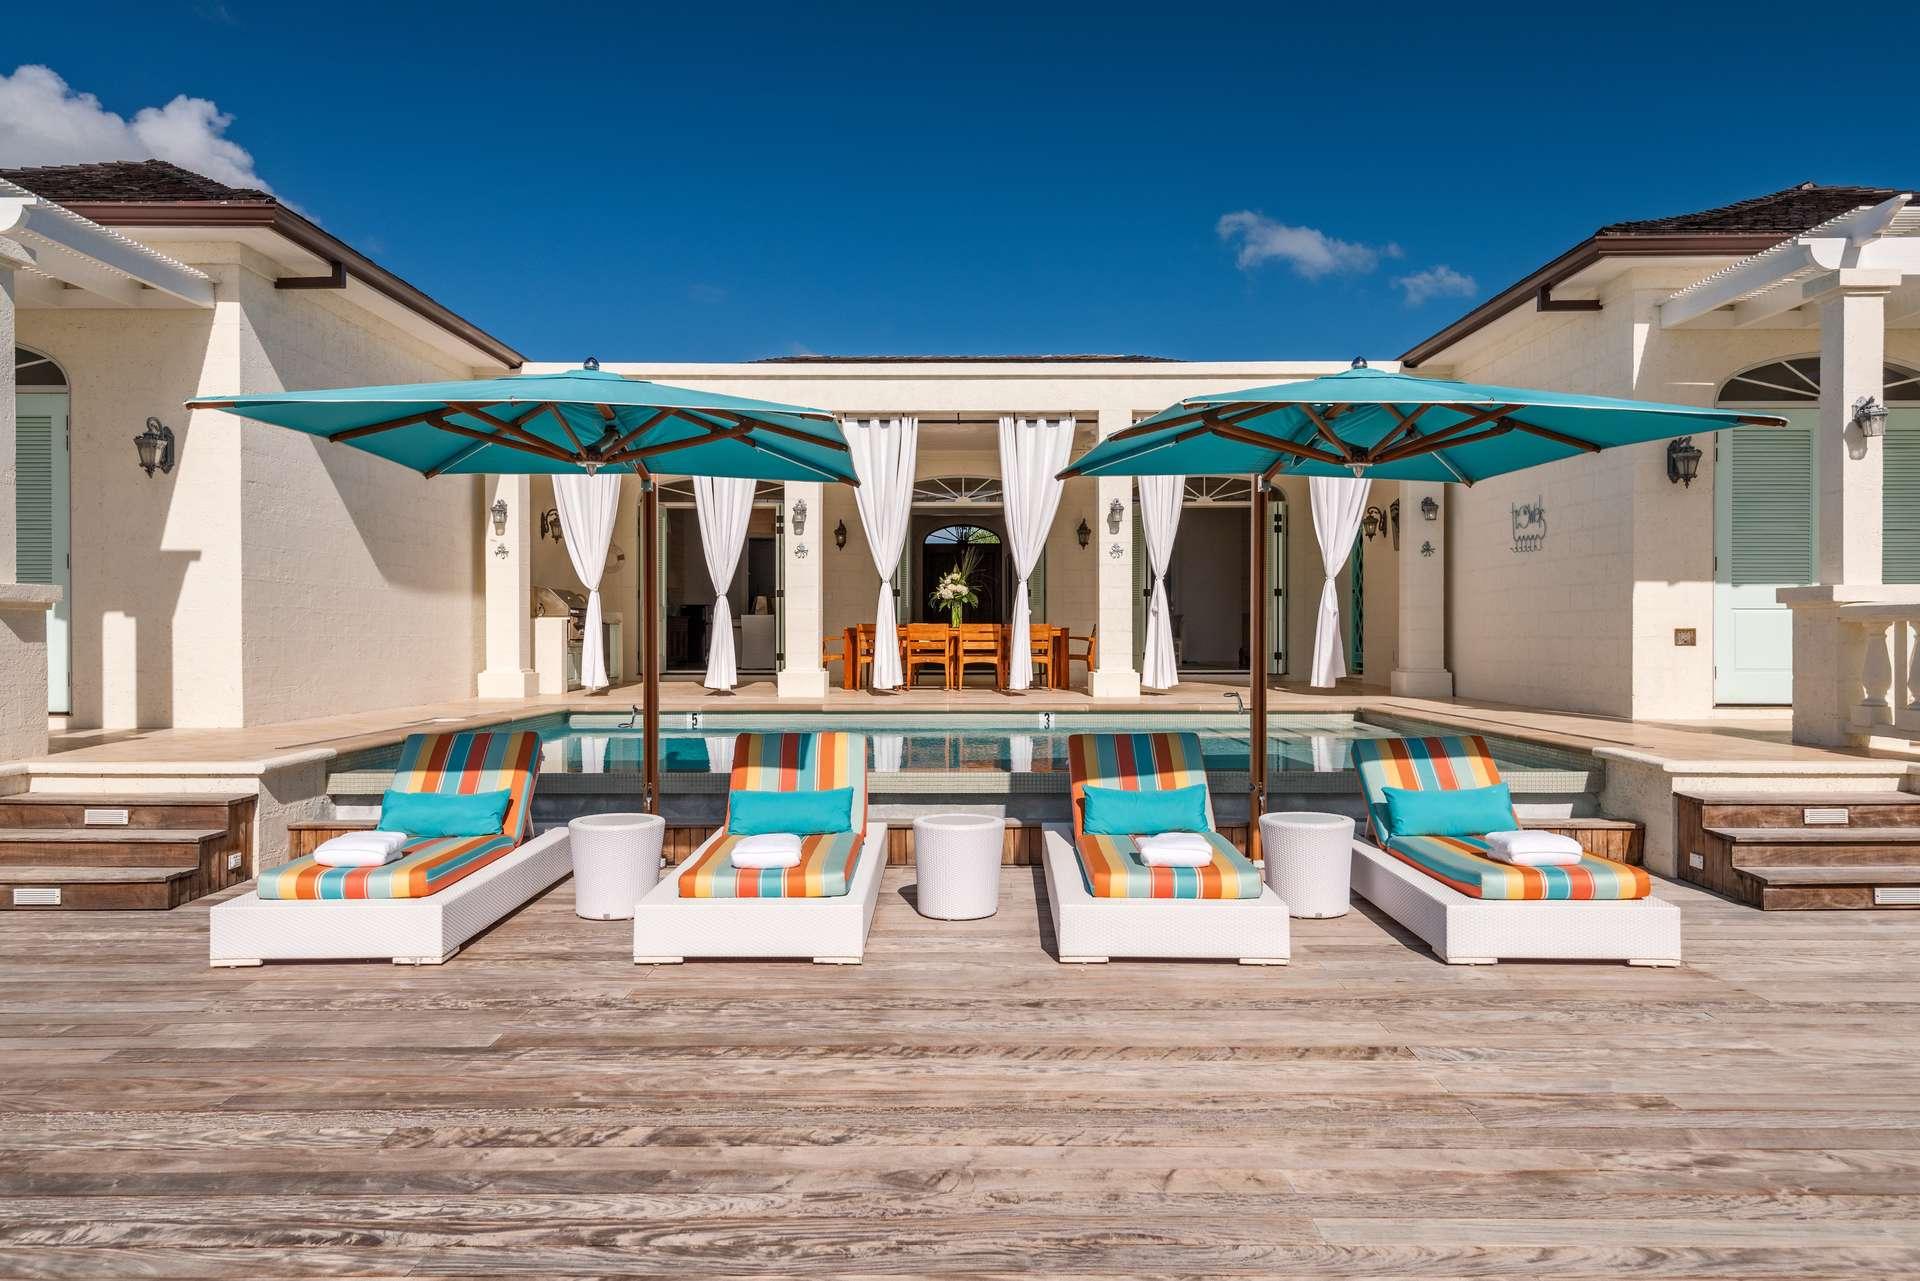 Luxury villa rentals caribbean - Turks and caicos - Providenciales - Taylor bay - Beach House Villa - Image 1/22